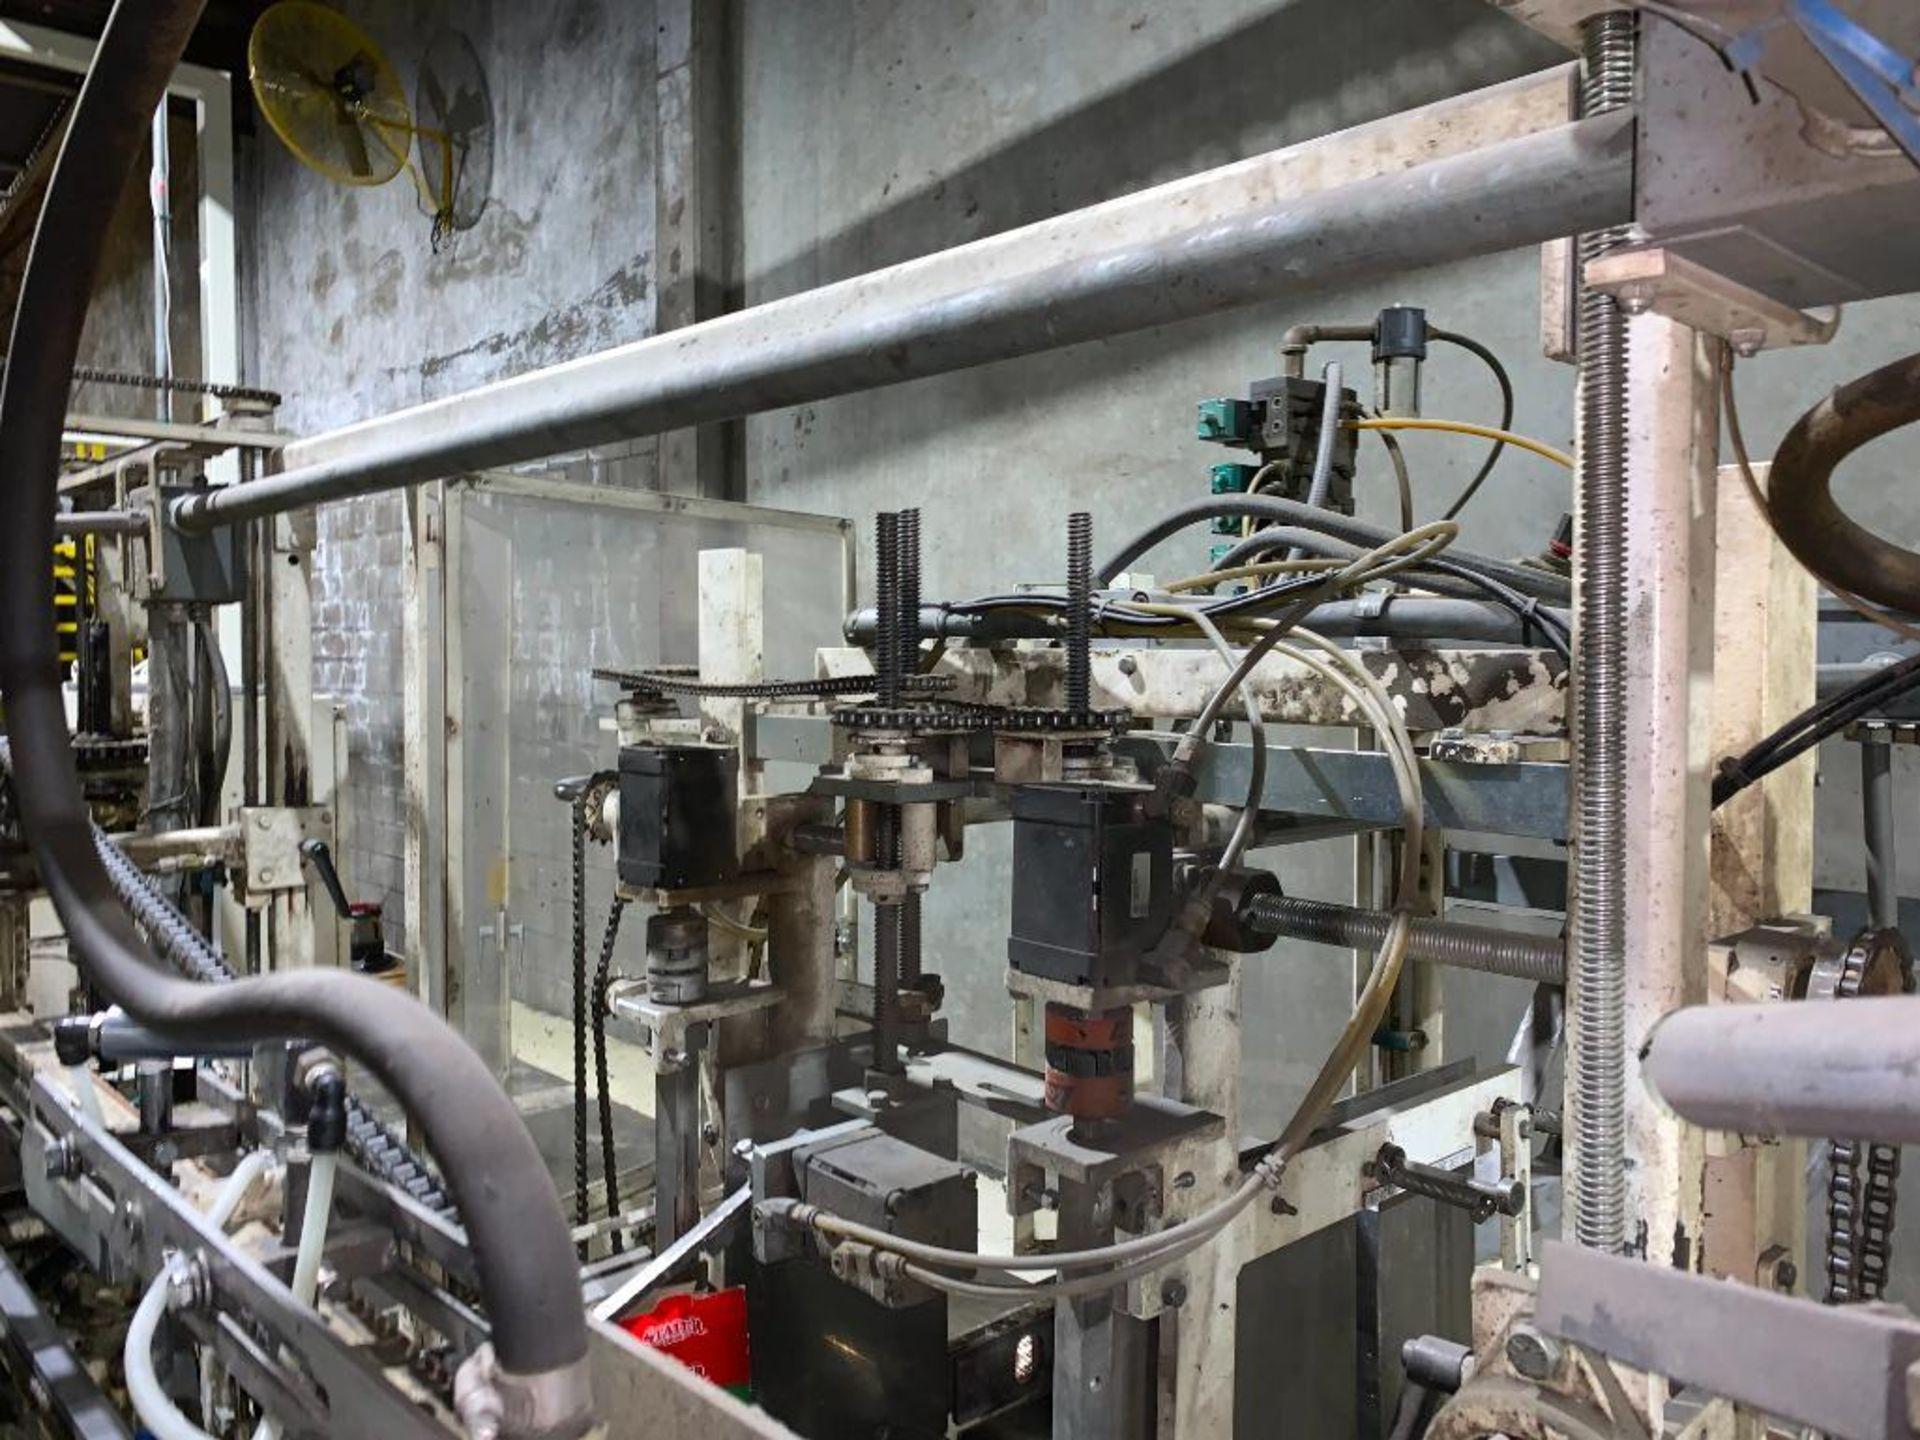 Salwasser case erector and case packer, model L41 - Image 12 of 45